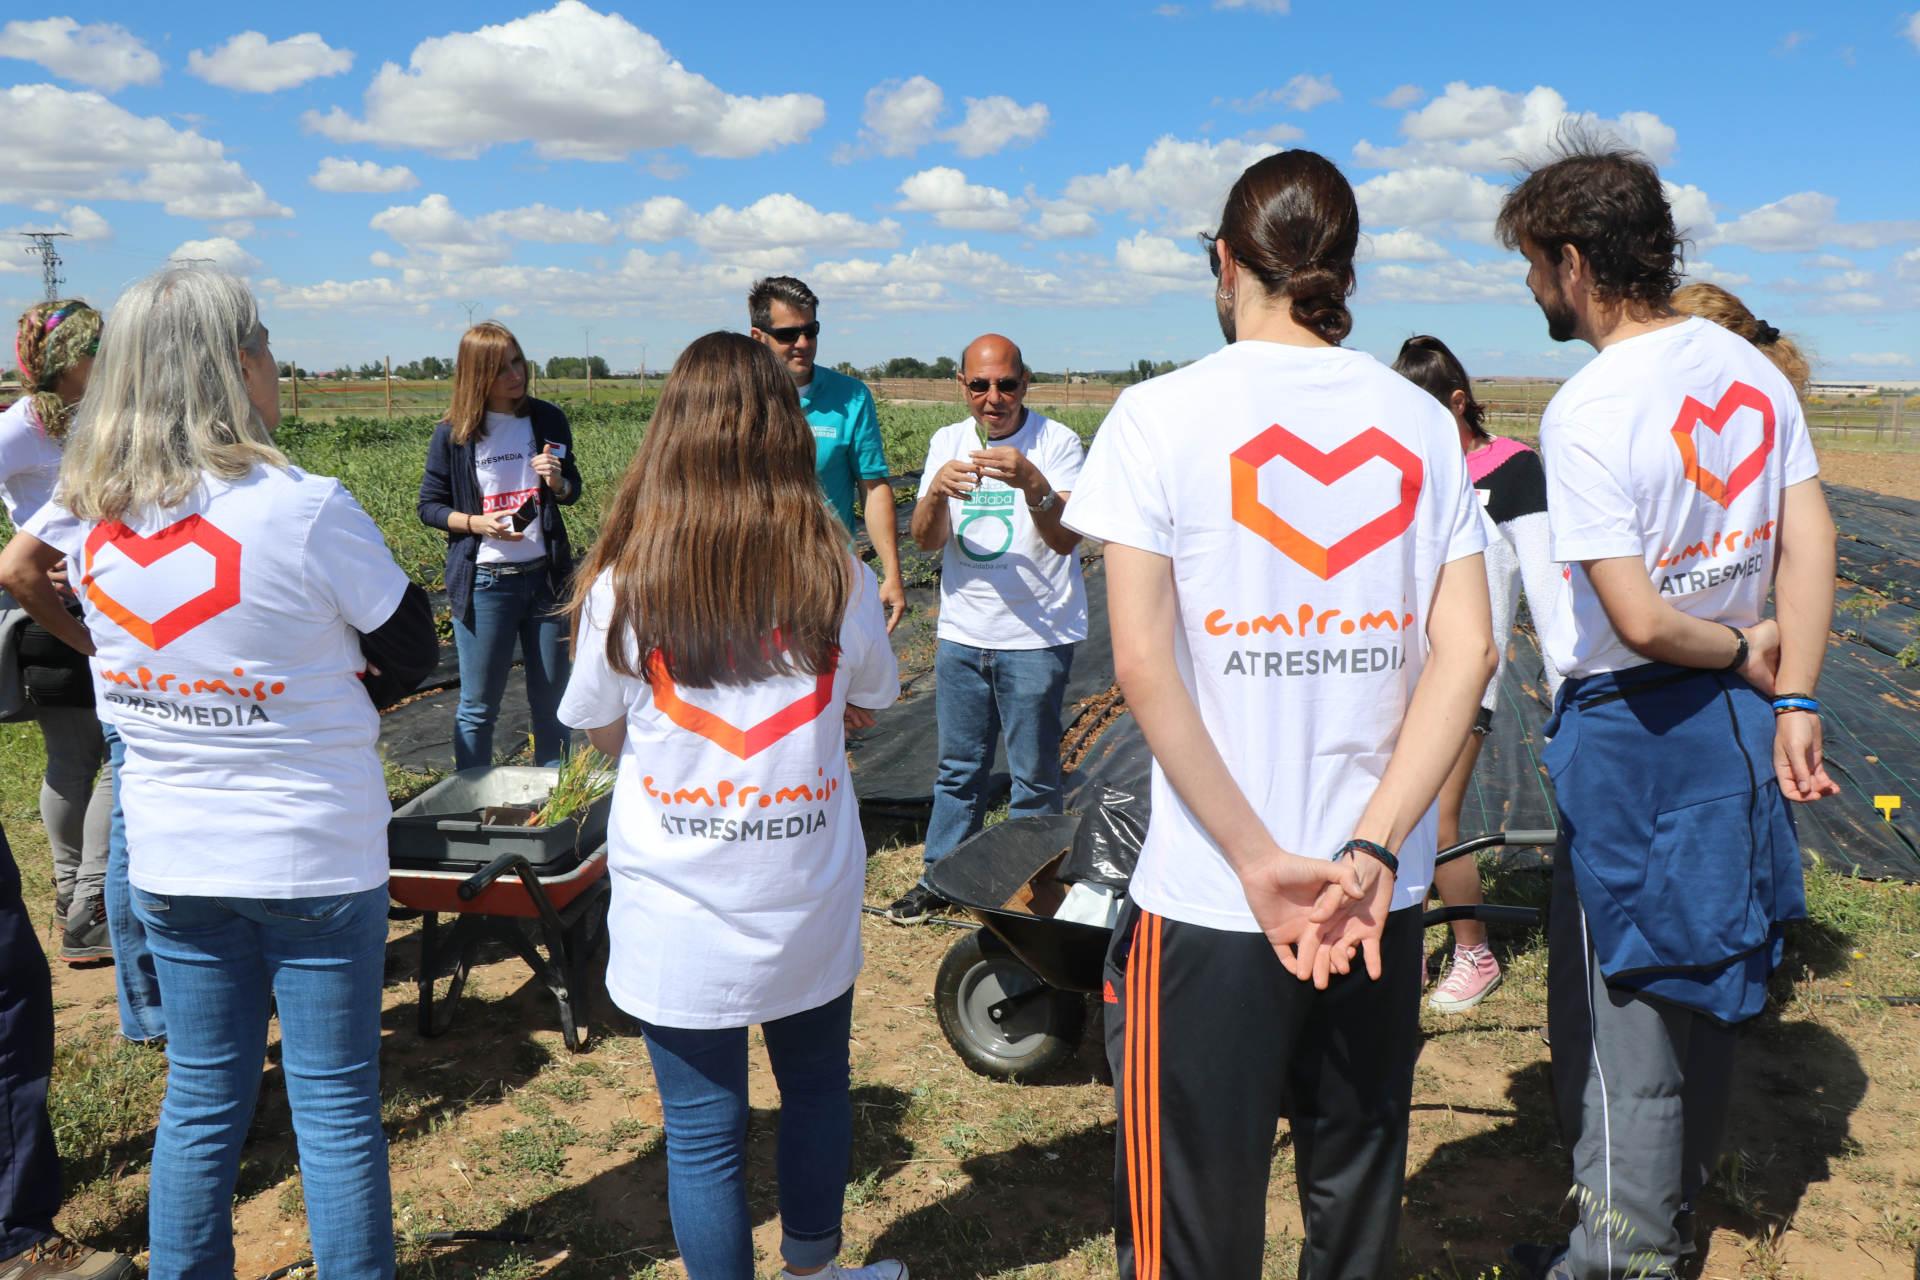 voluntarios atresmedia con fundacion aldaba